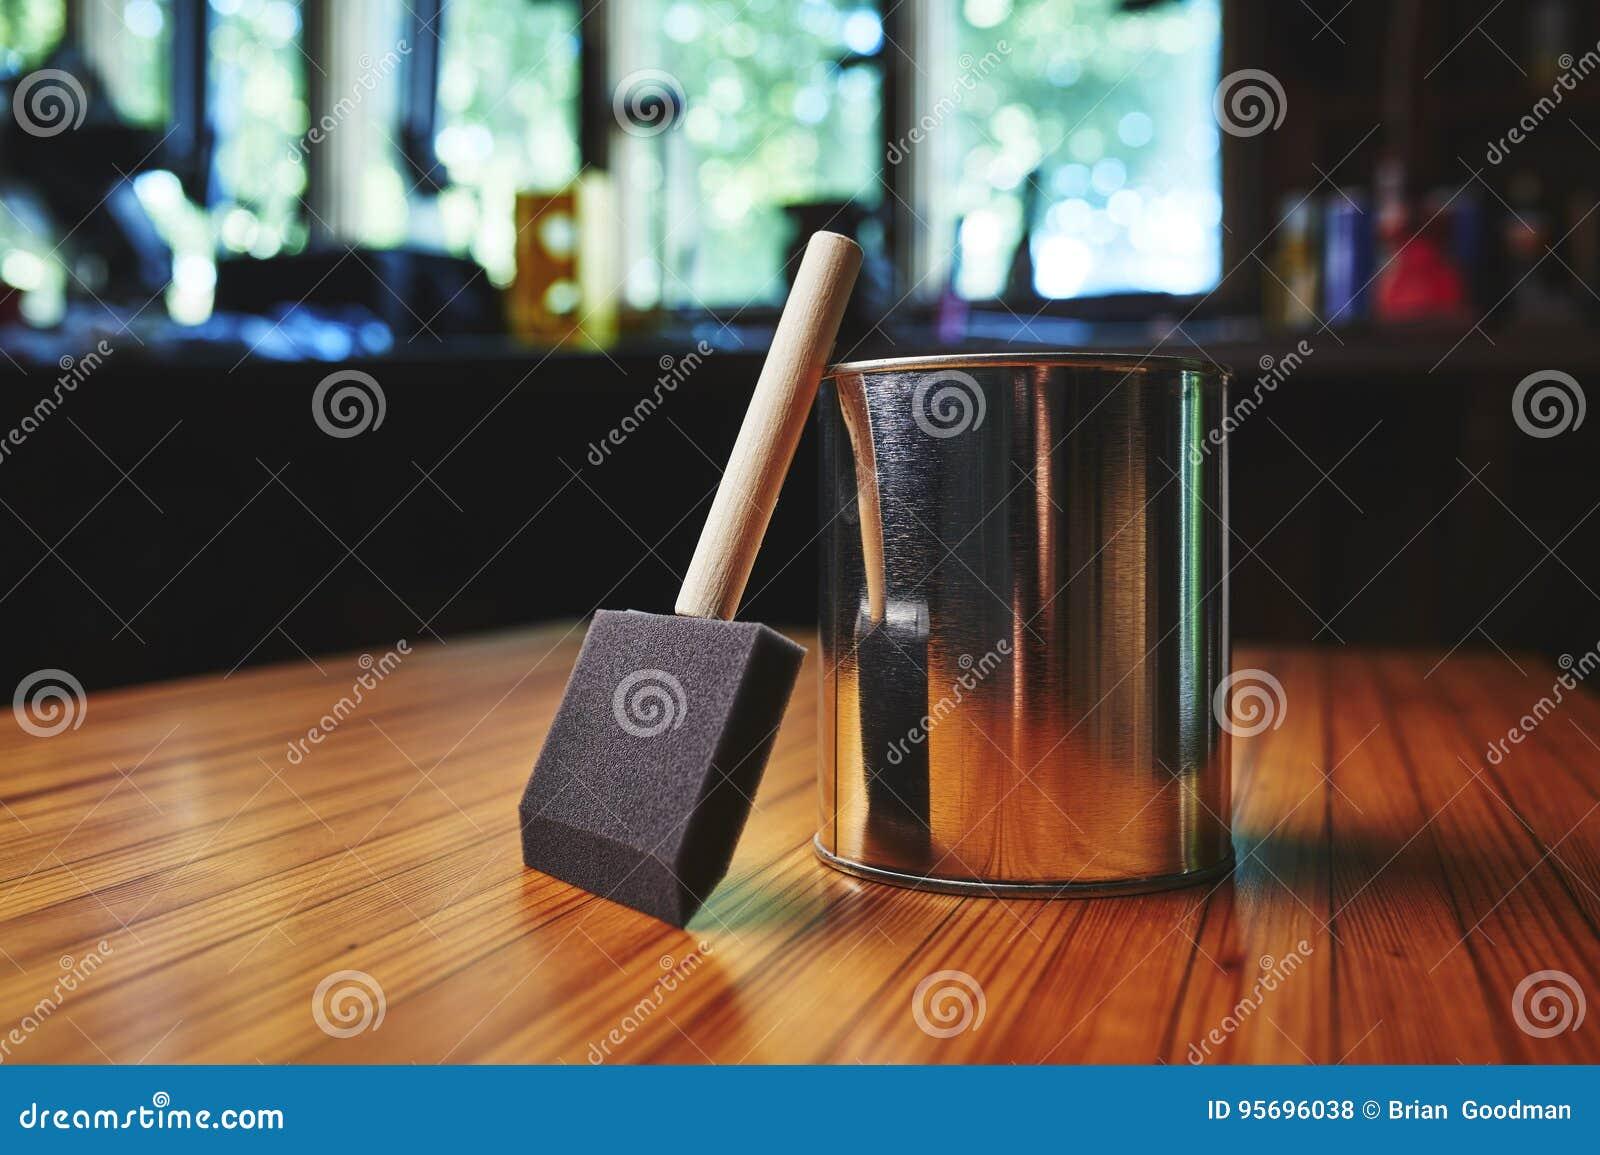 Wood finishing brush and varnish